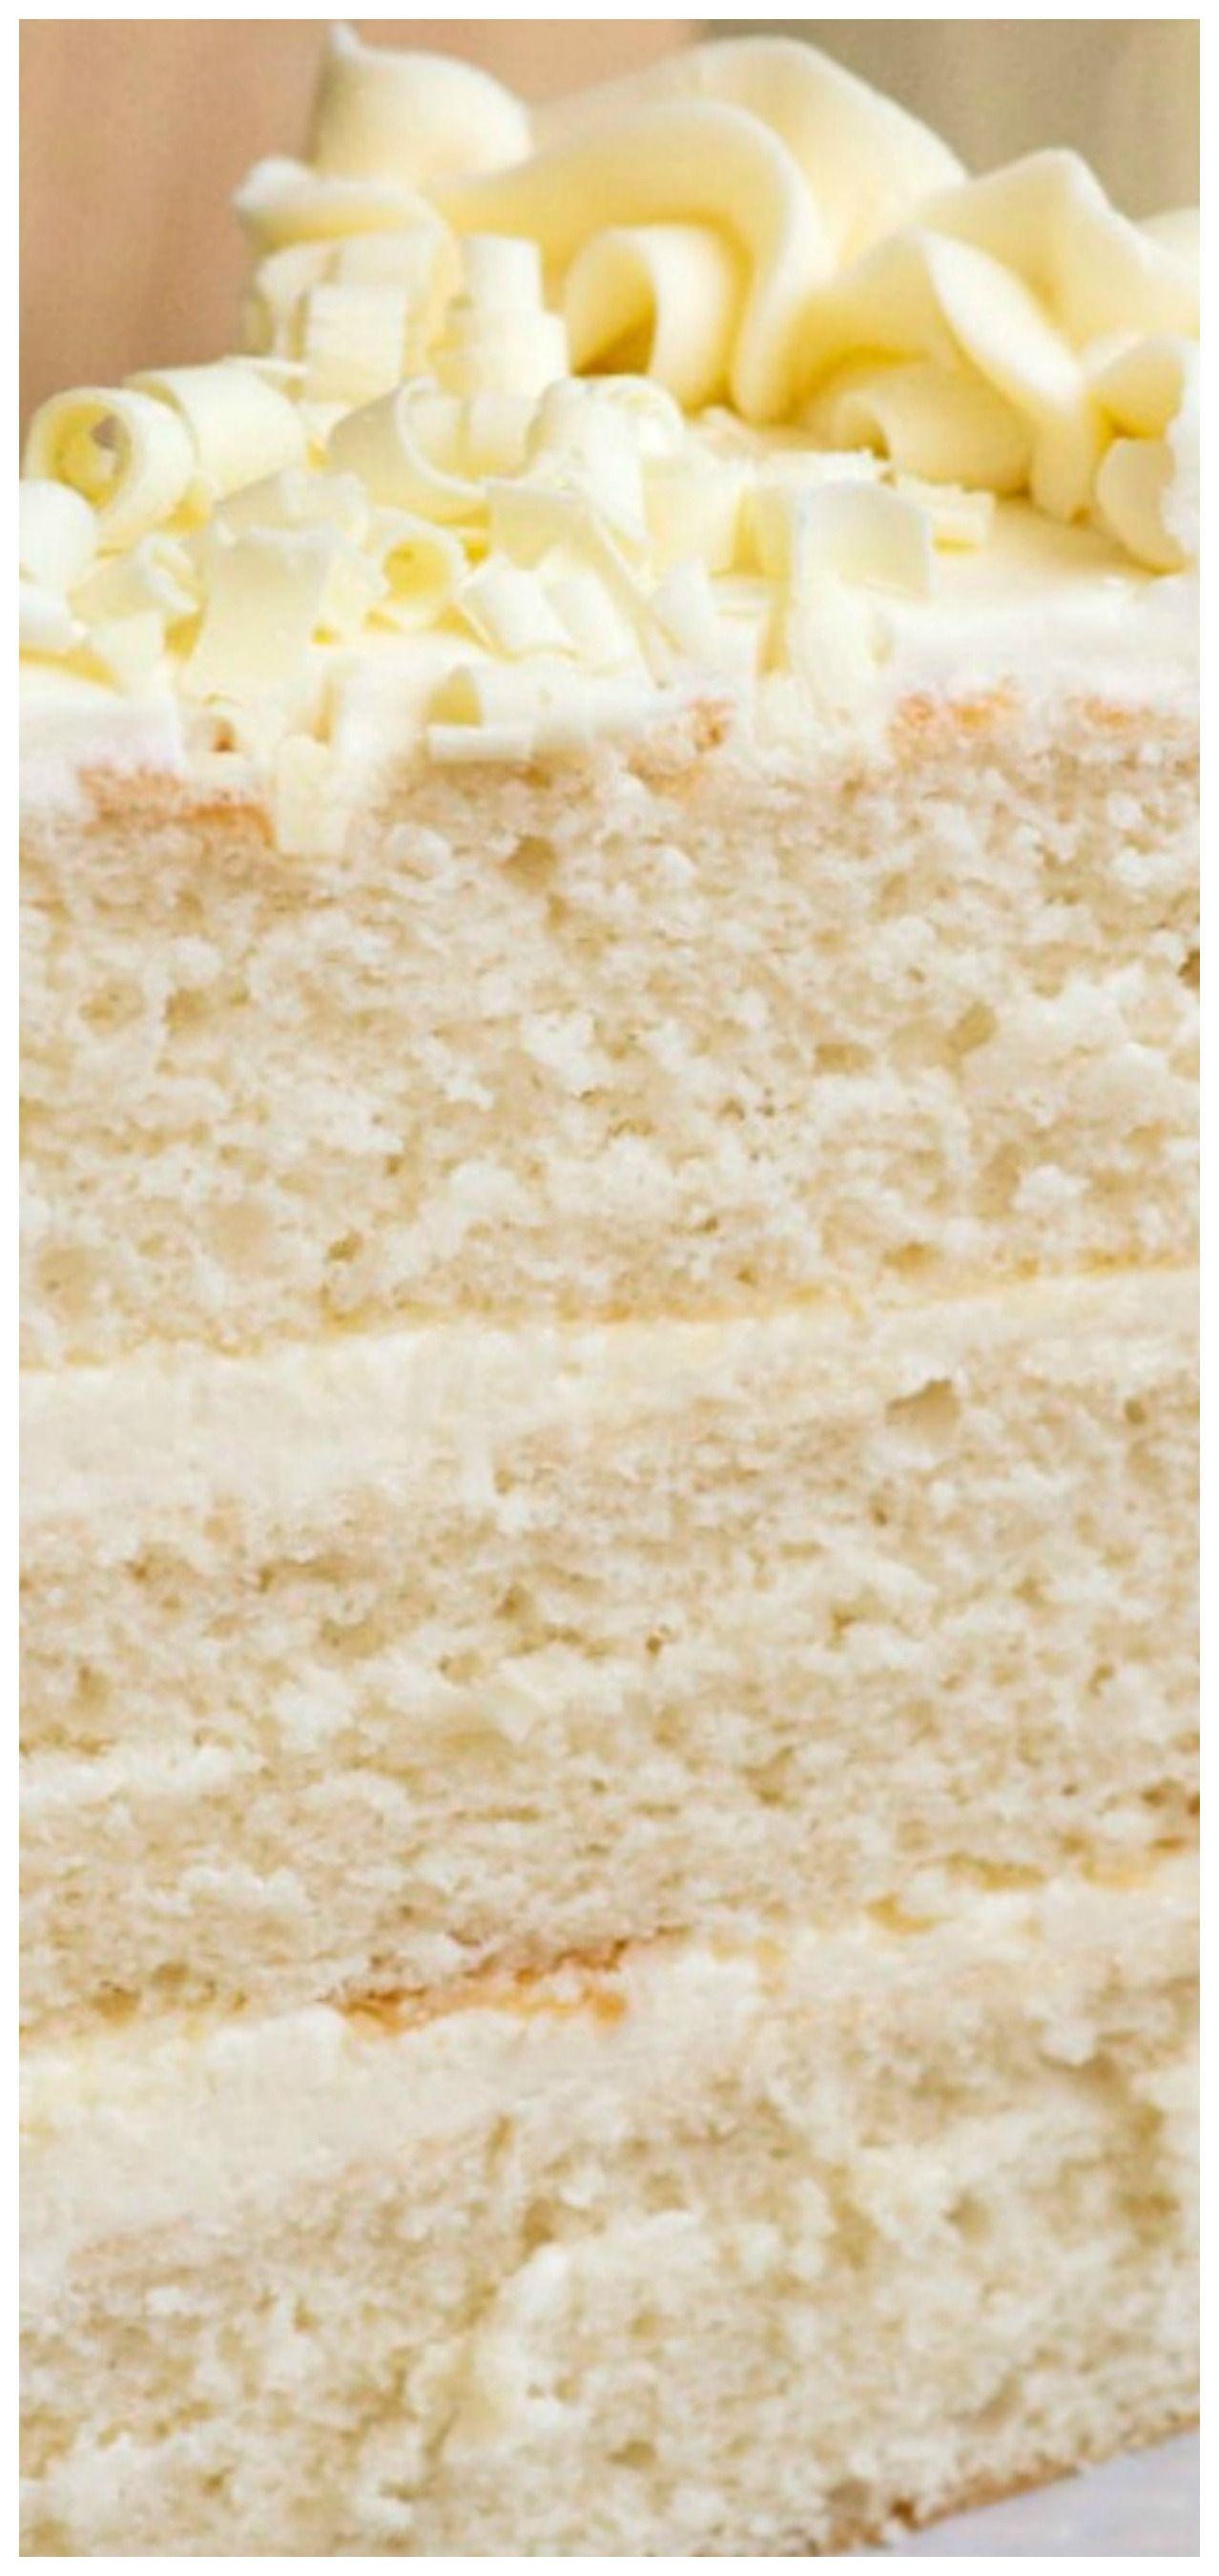 White Wedding Cake Recipe In 2020 Wedding Cake Recipe Wedding Cake Recipe White Buttercream Wedding Cake